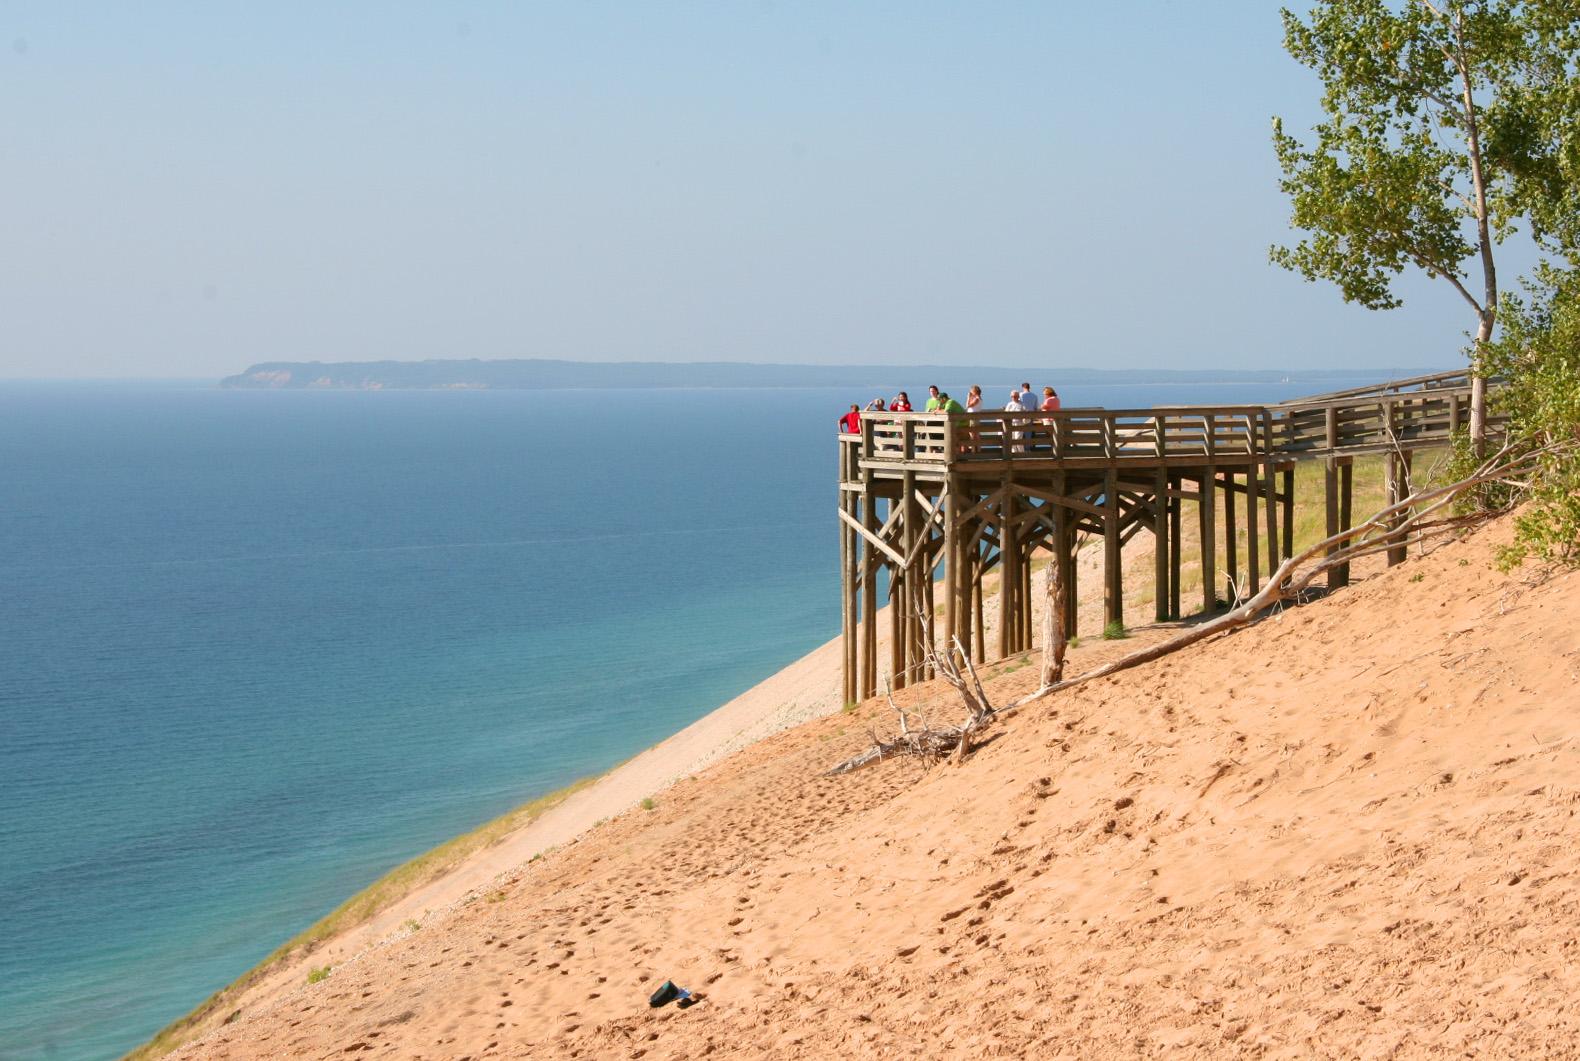 Visitors on #9 Lake Michigan Overlook Observation Deck or Platform